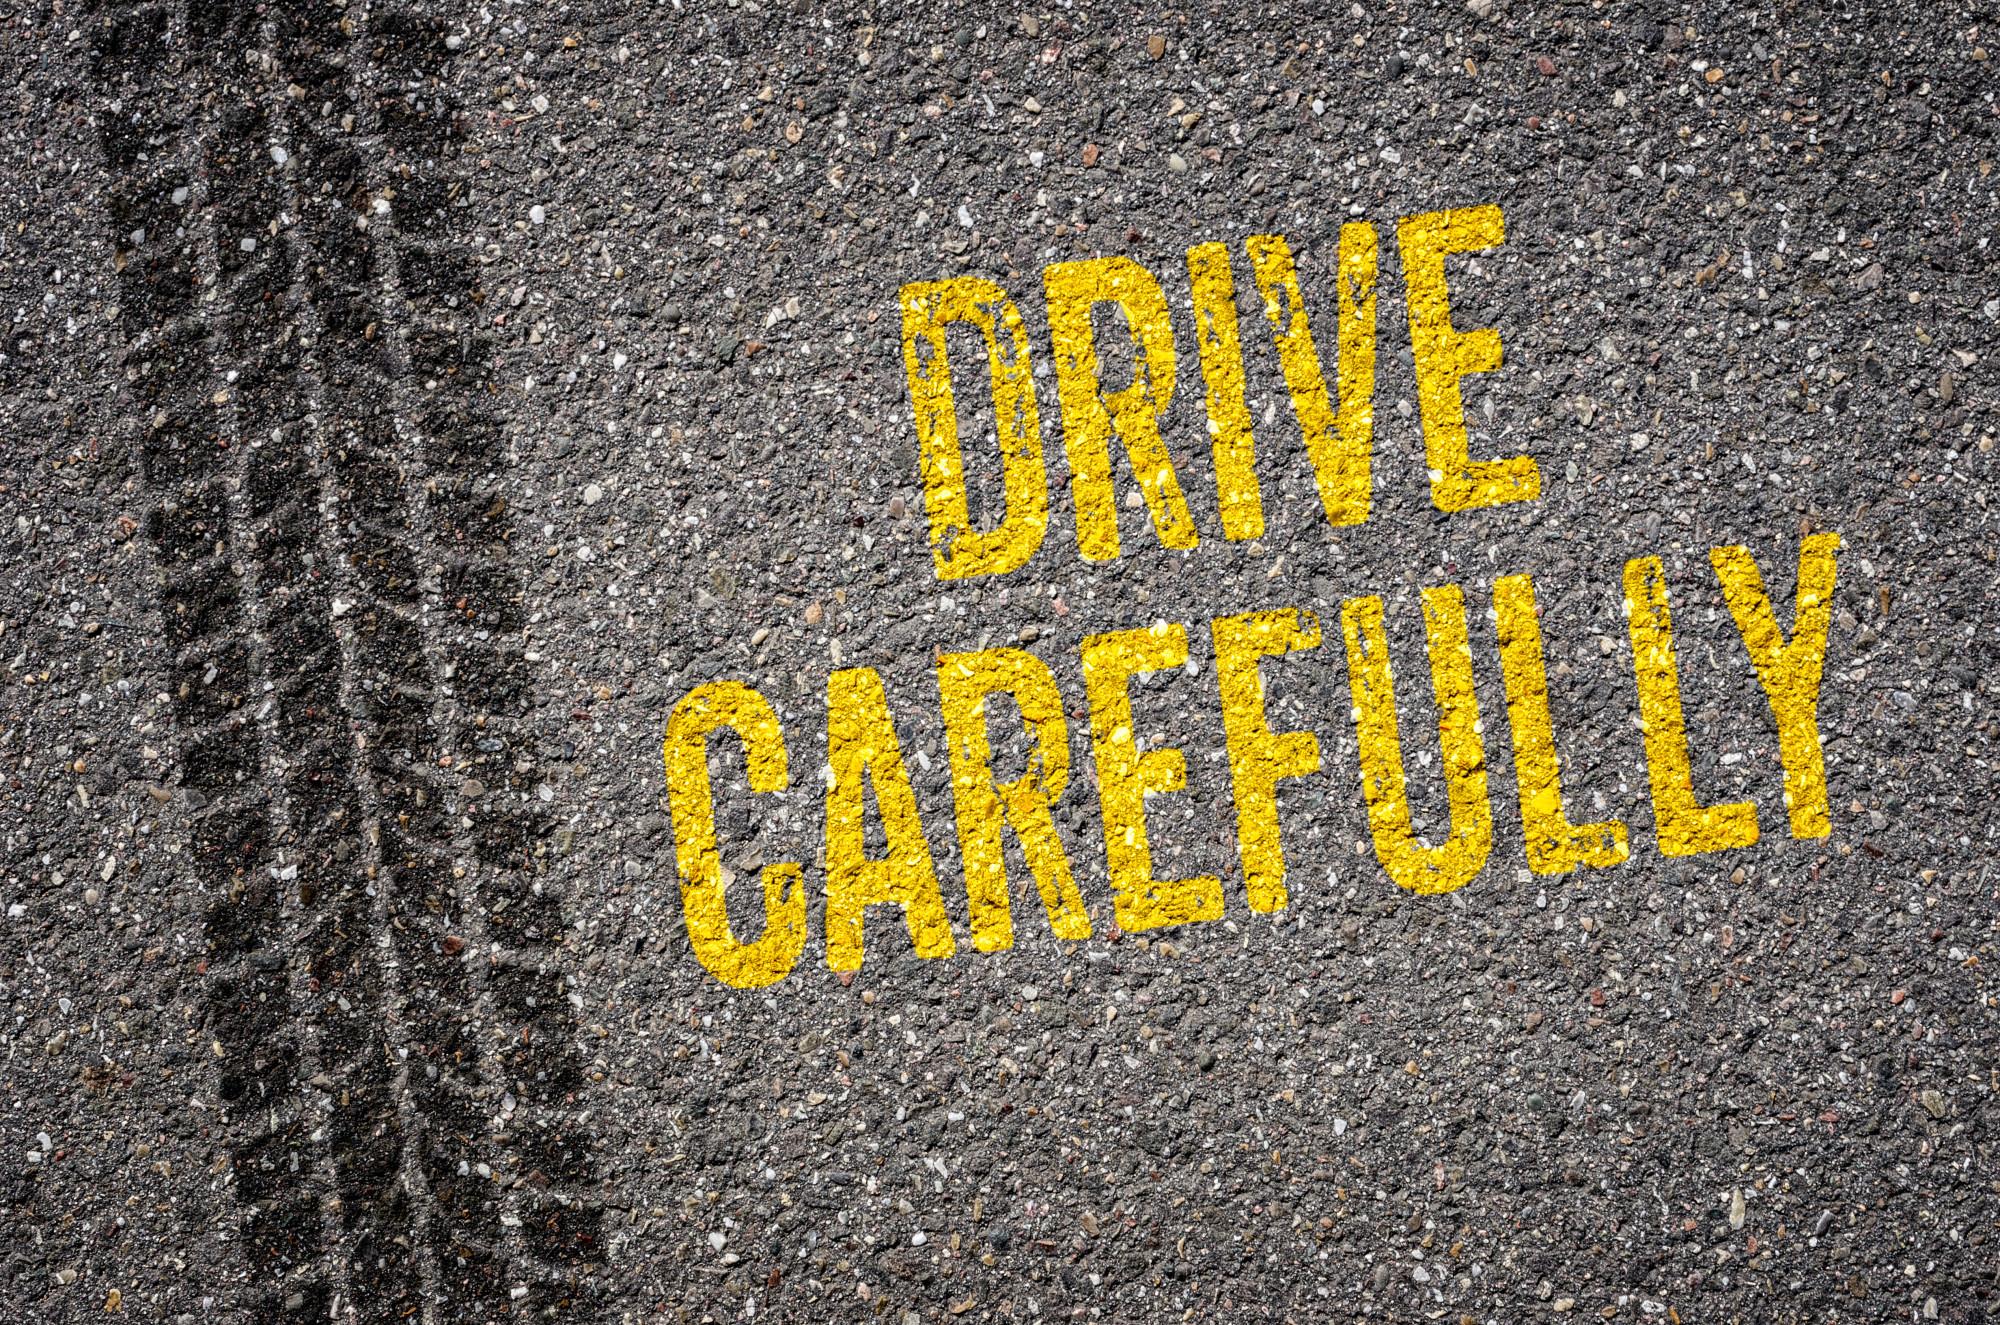 Drive Carefully Signage